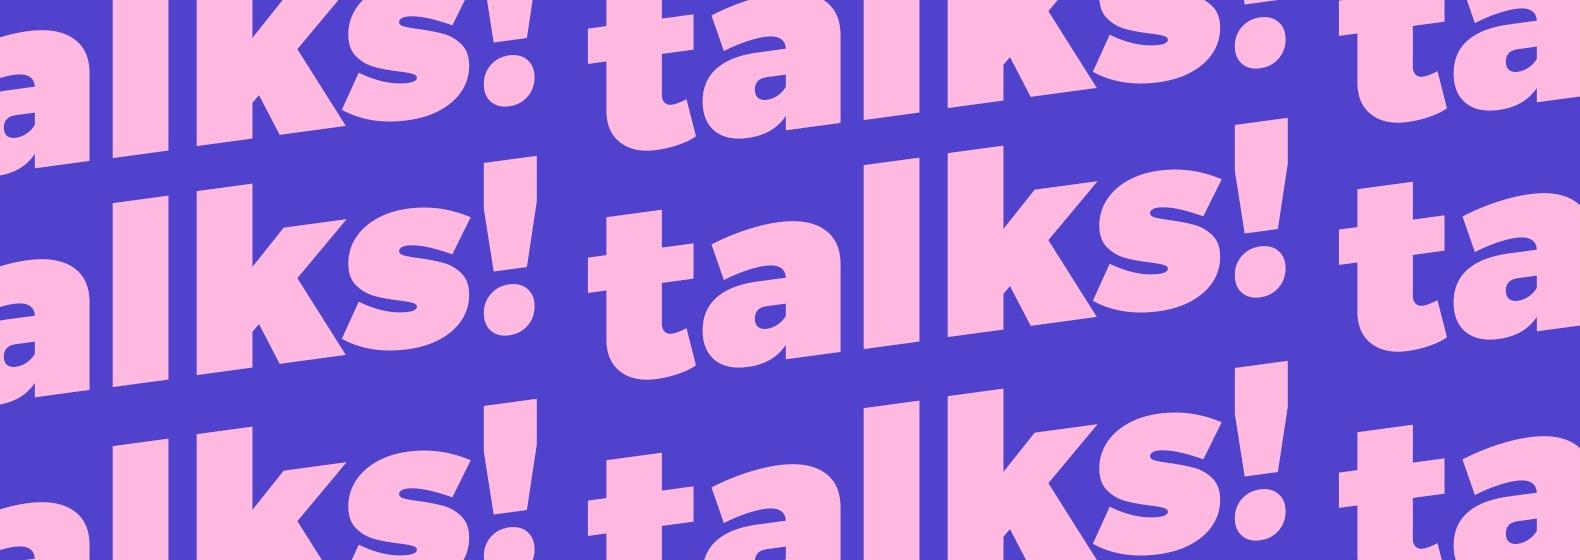 talks_2.jpg